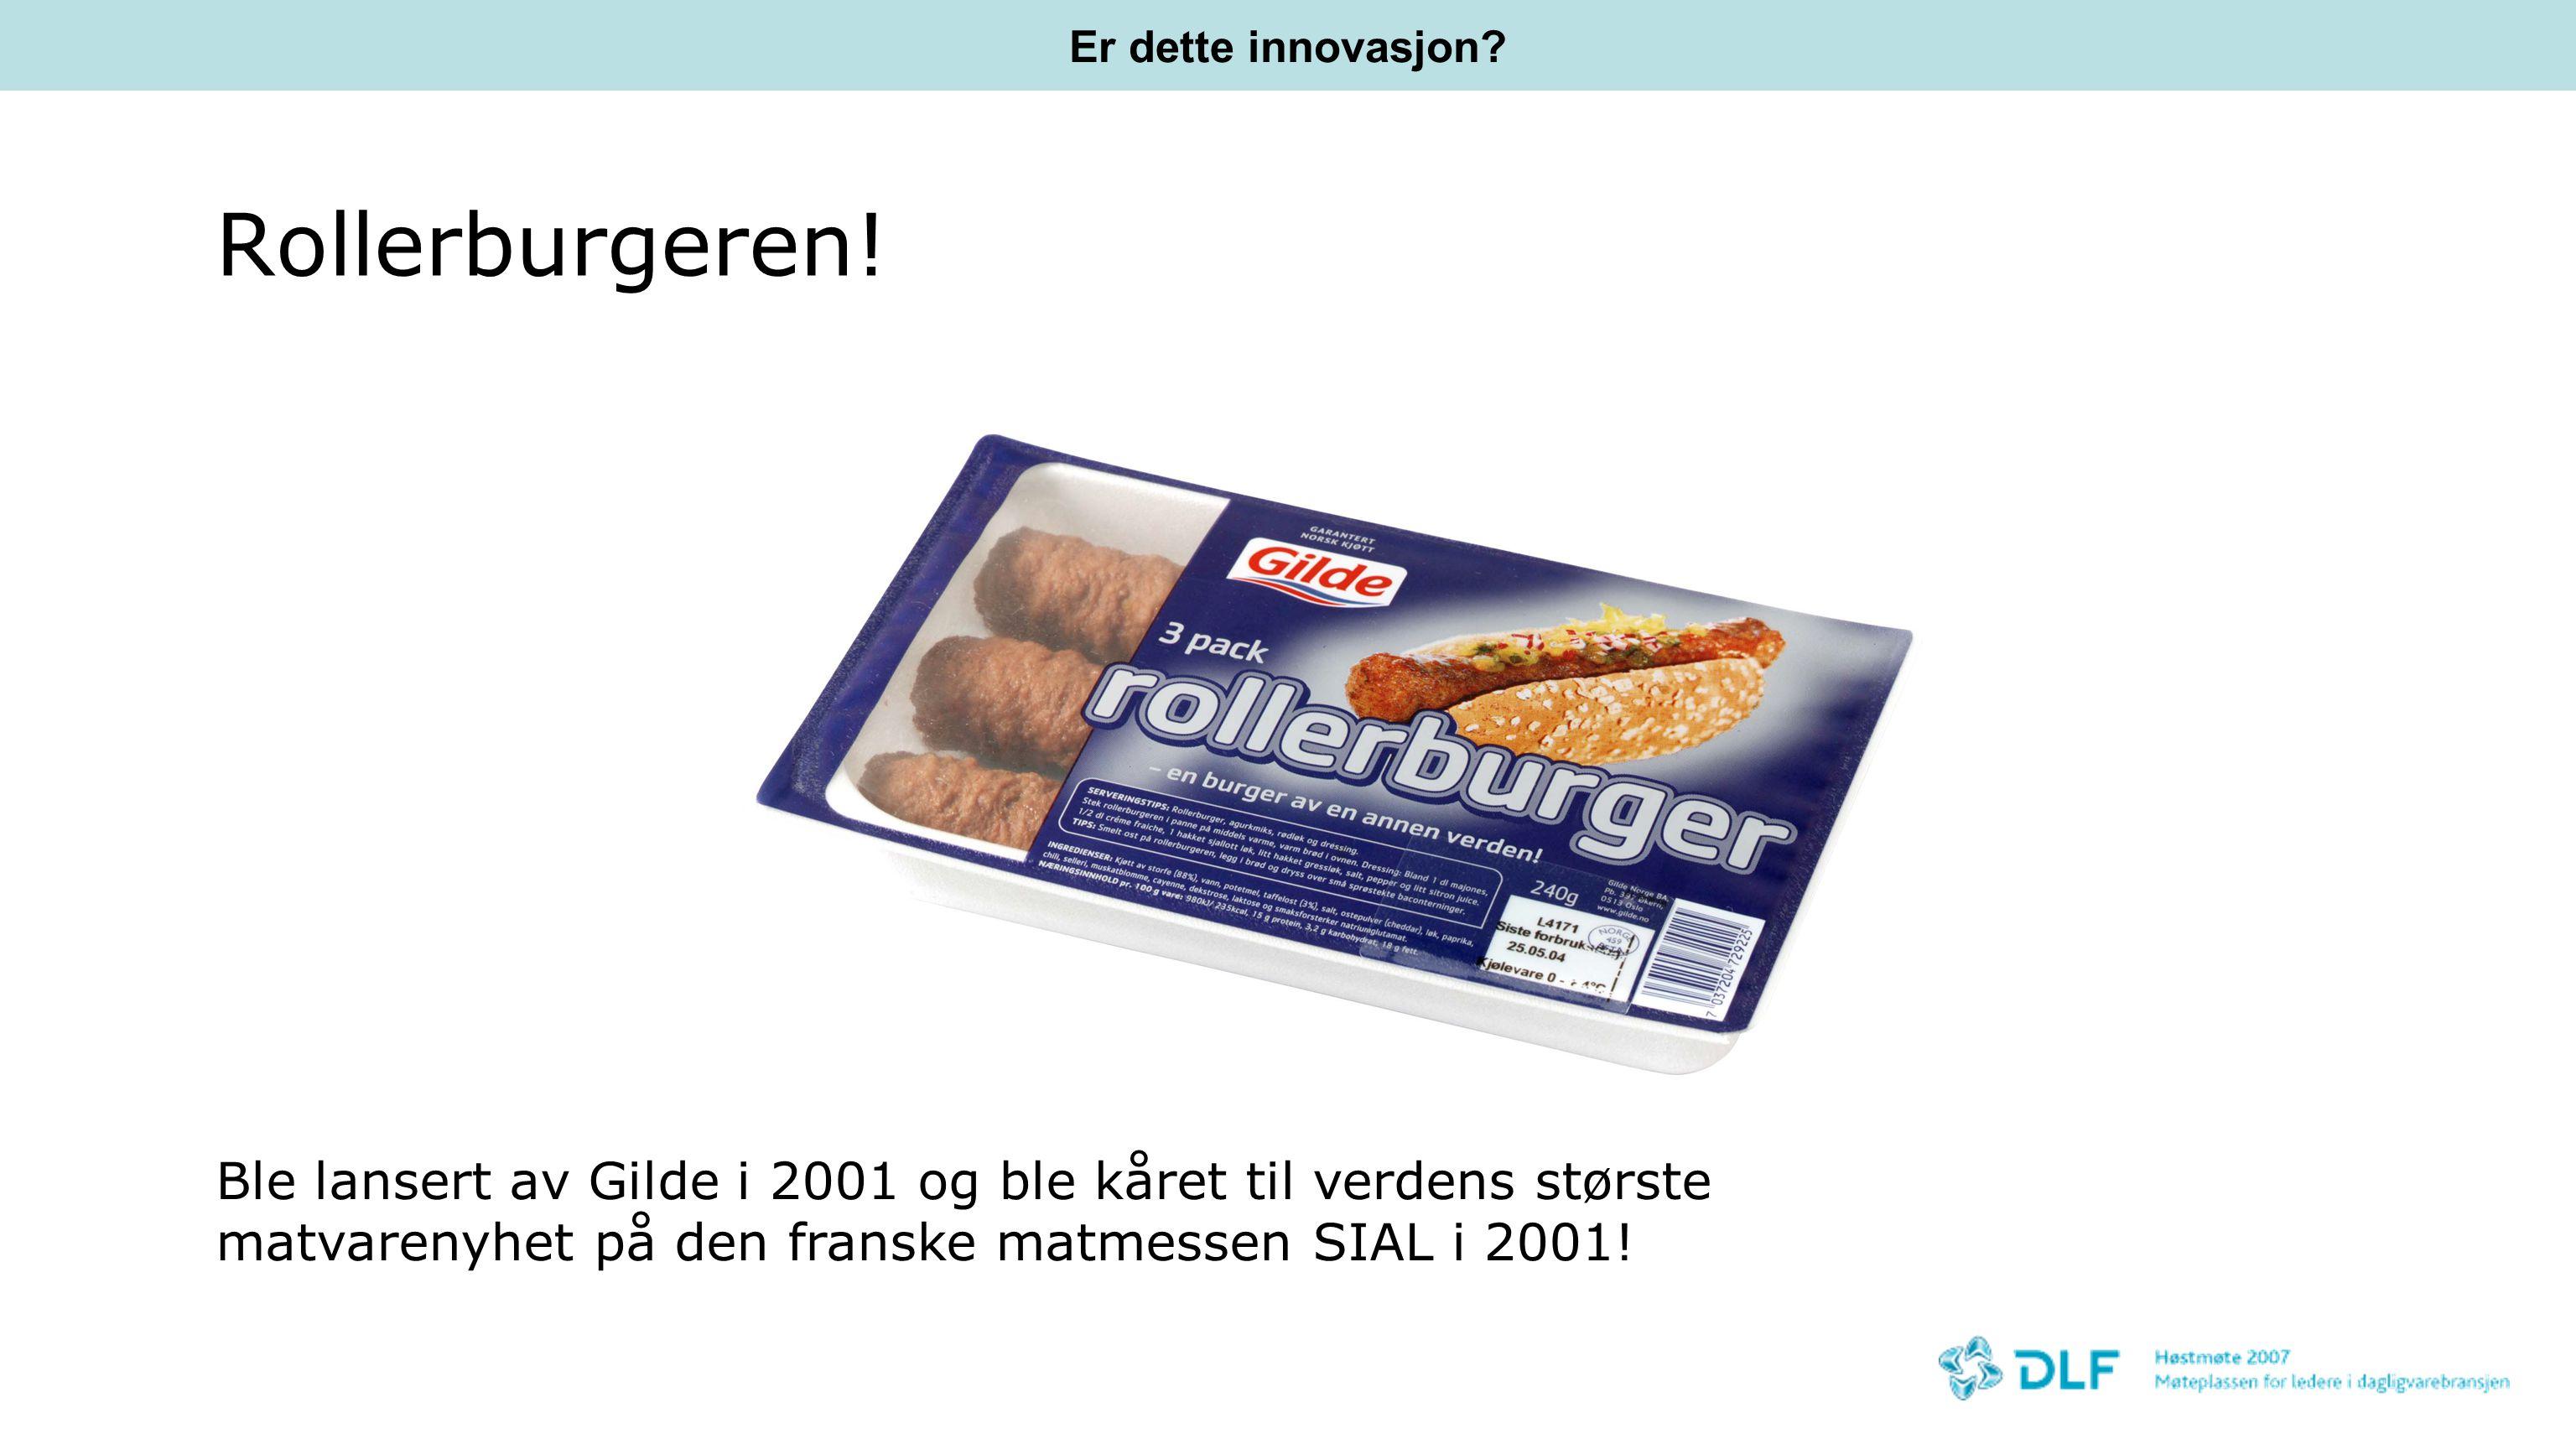 Rollerburgeren! Ble lansert av Gilde i 2001 og ble kåret til verdens største matvarenyhet på den franske matmessen SIAL i 2001! Er dette innovasjon?